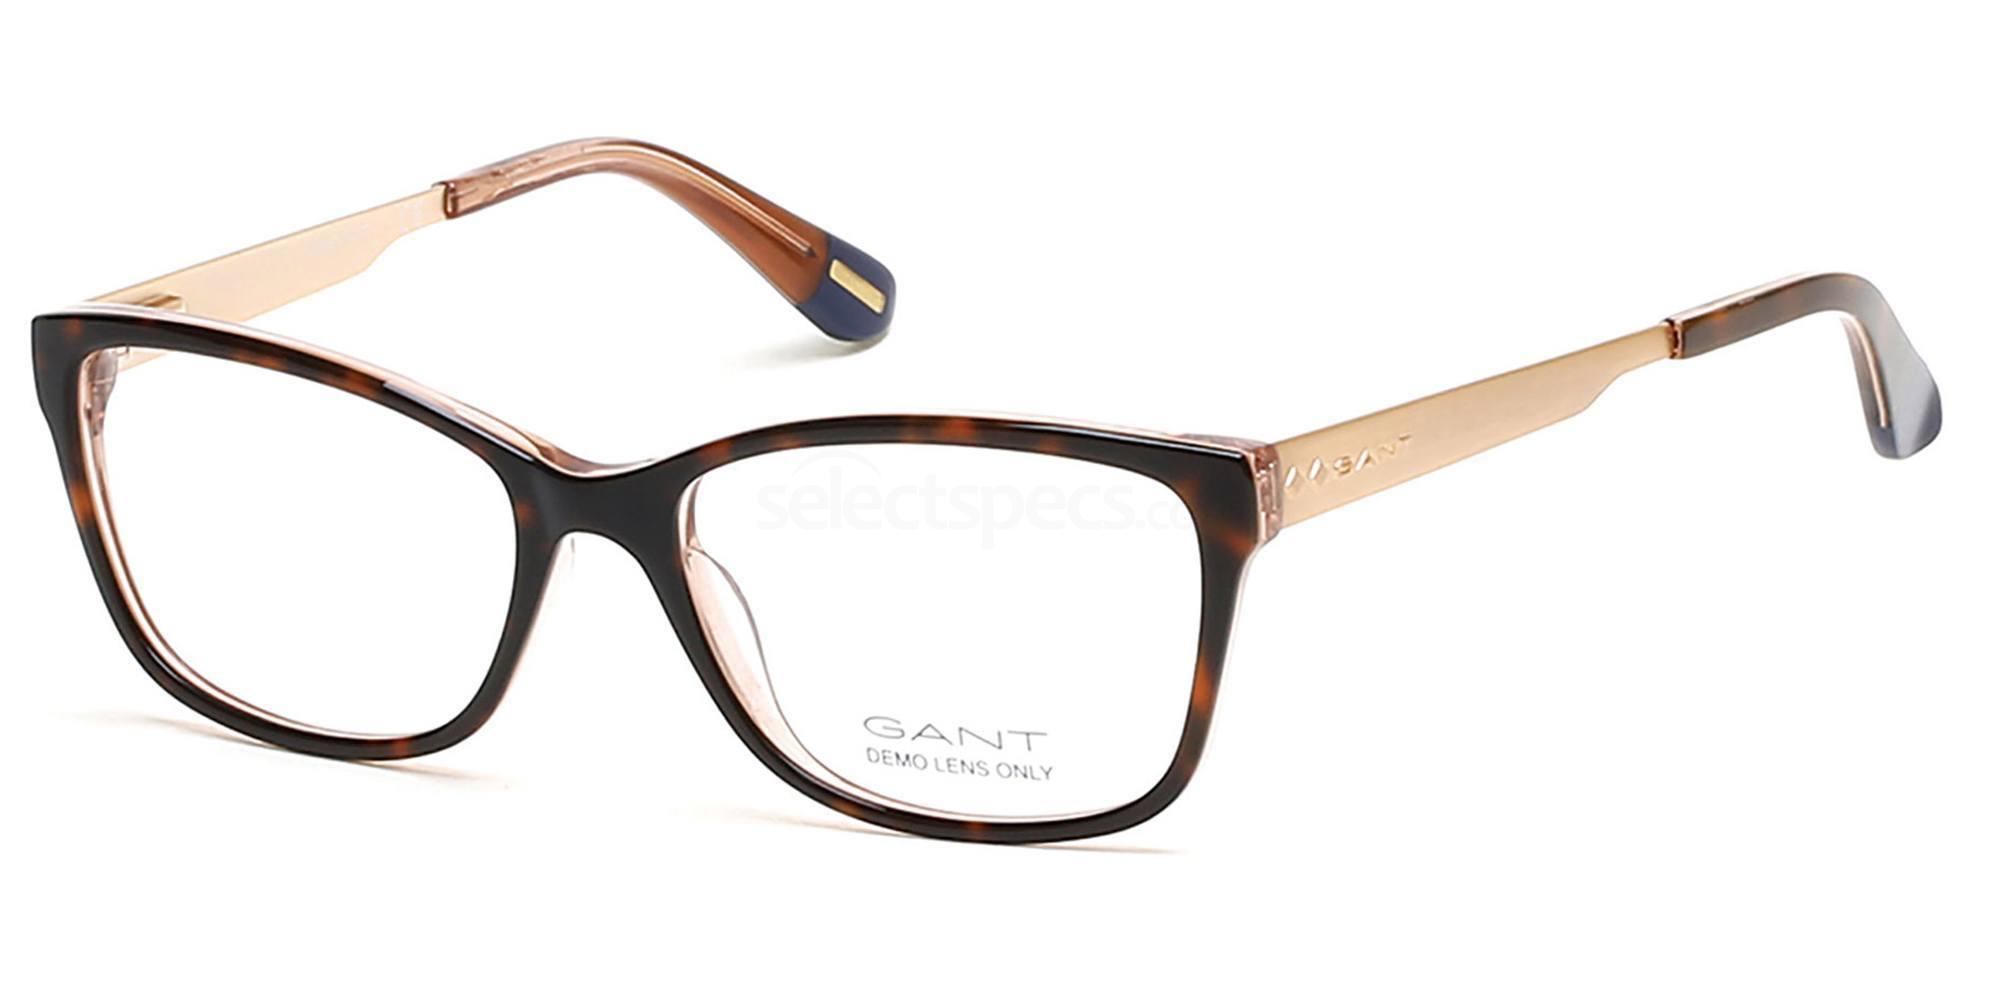 056 GA4060 Glasses, Gant